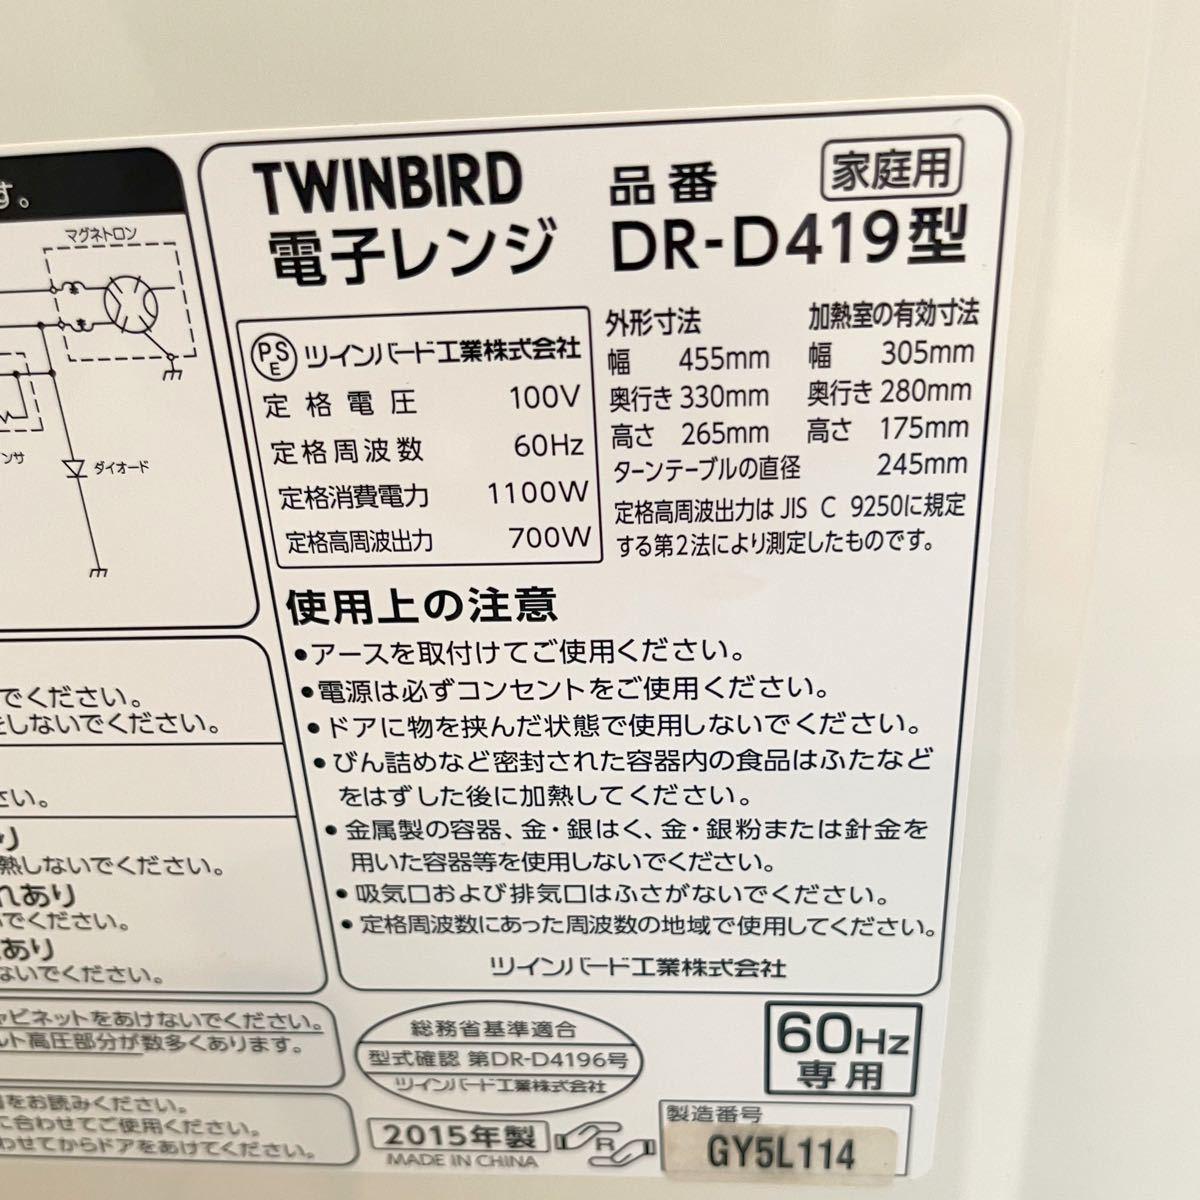 電子レンジ ツインバードDR-D419 60HZ専用【動作確認・クリーニング済】 電子レンジ ツインバード